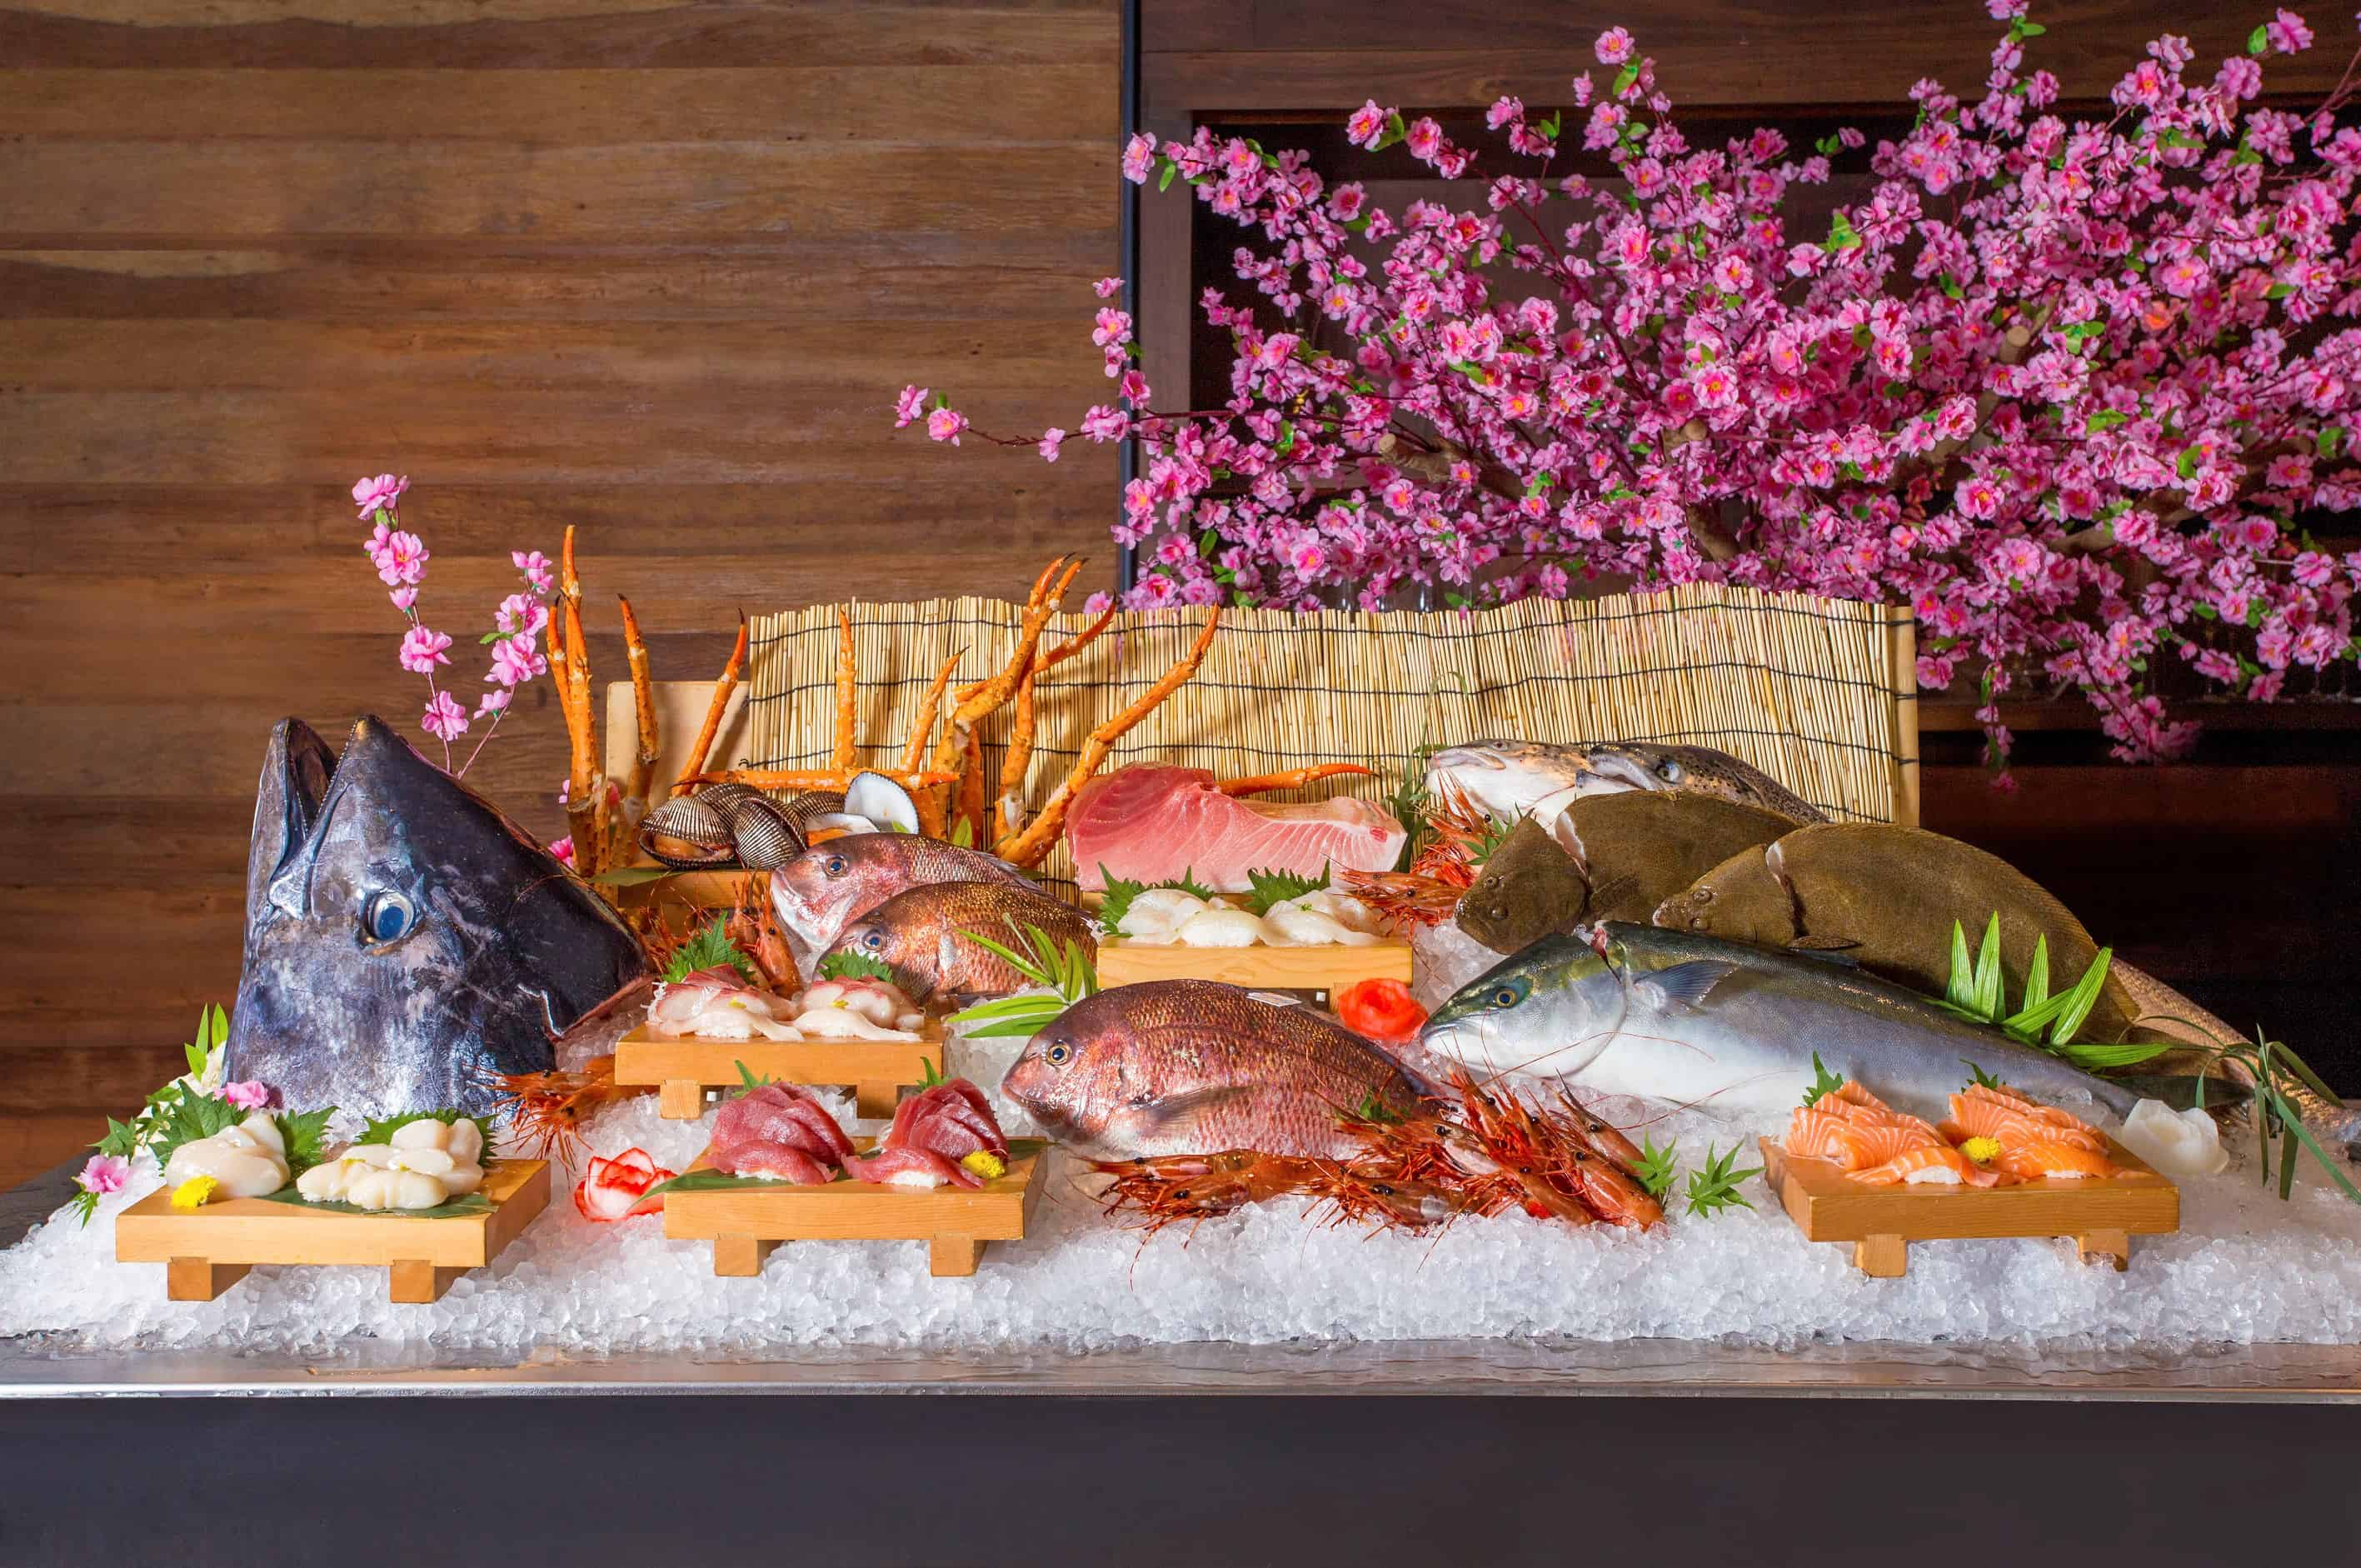 เริ่มตั้งแต่ซูชิและซาชิมิ จากโกจิ คิทเช่น + บาร์ (Goji Kitchen + Bar)